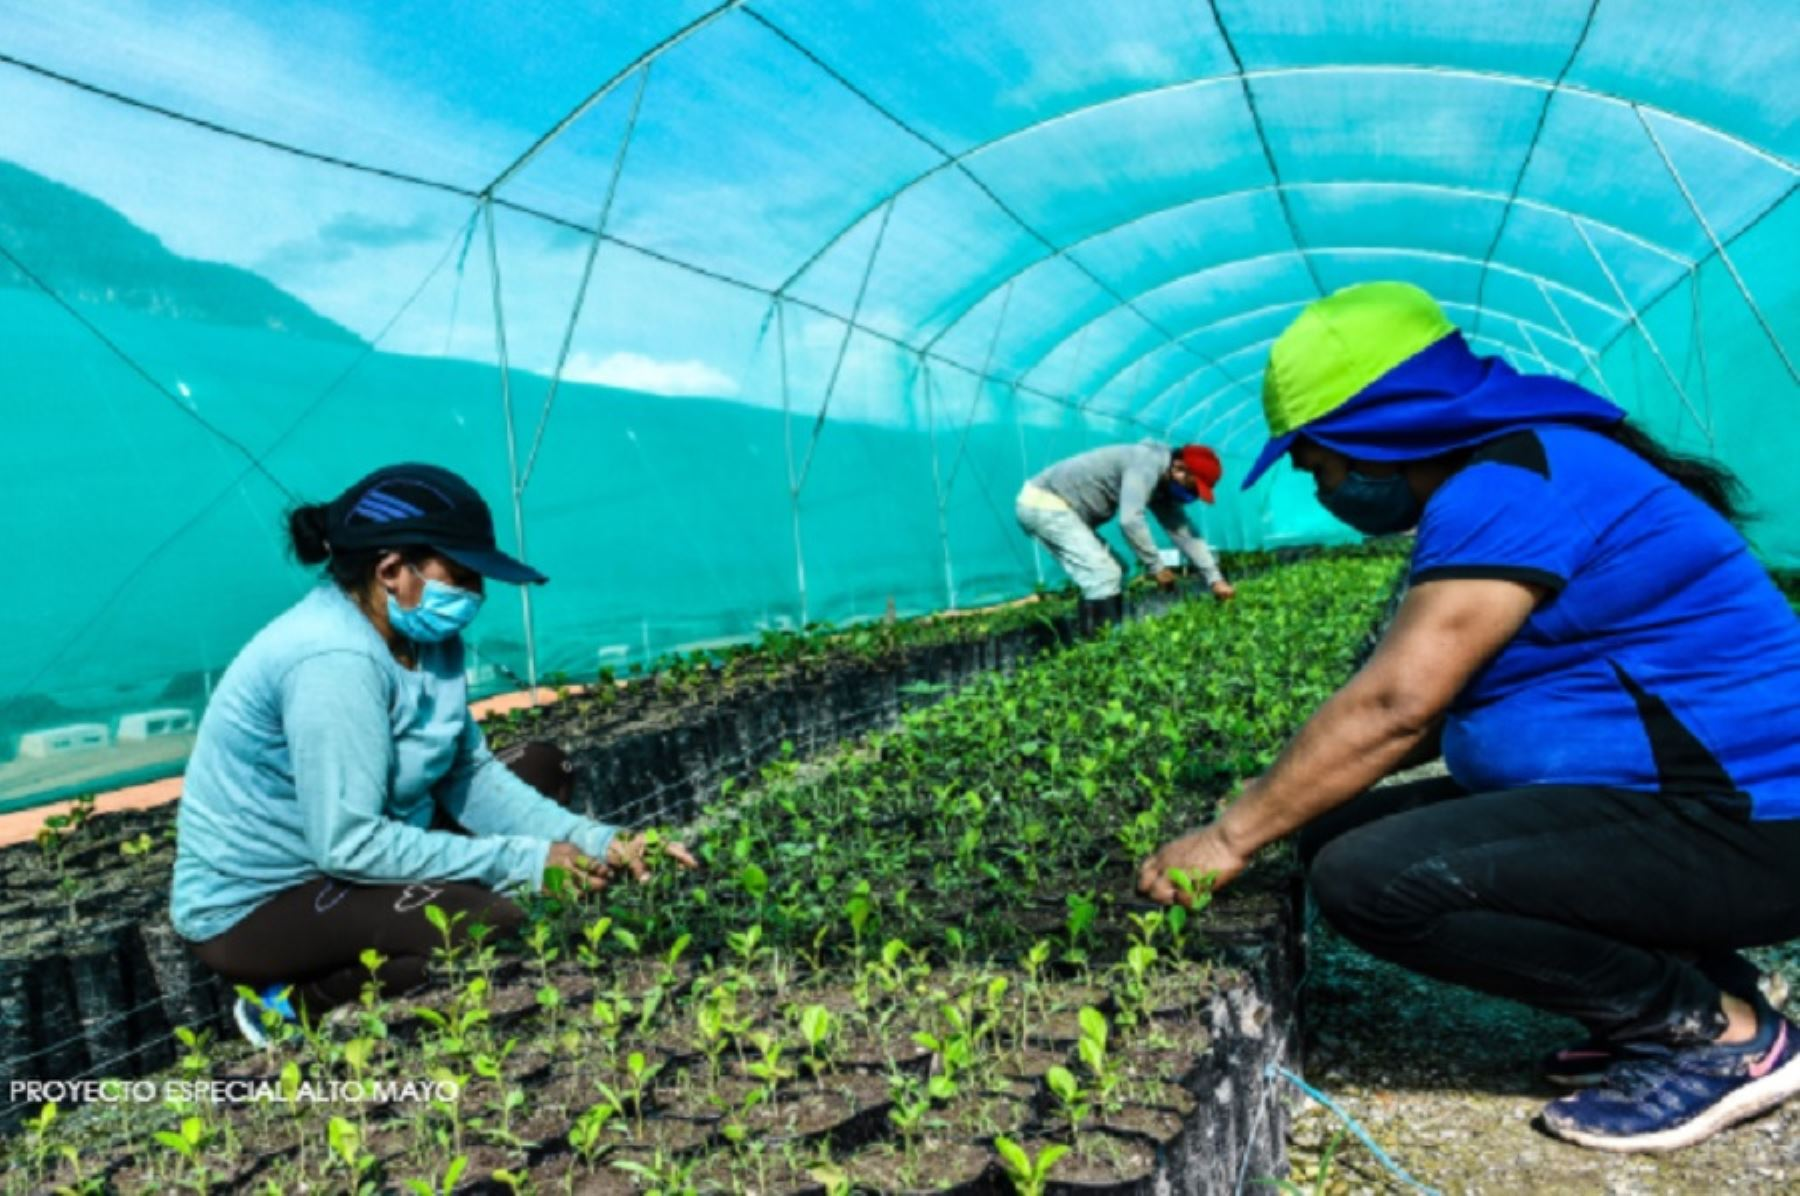 El gobierno regional de San Martín tiene como meta producir y sembrar 10 millones de árboles en zonas degradadas de ese departamento hasta fines de 2022. Foto: Gobierno Regional de San Martín/Proyecto Especial Alto Mayo